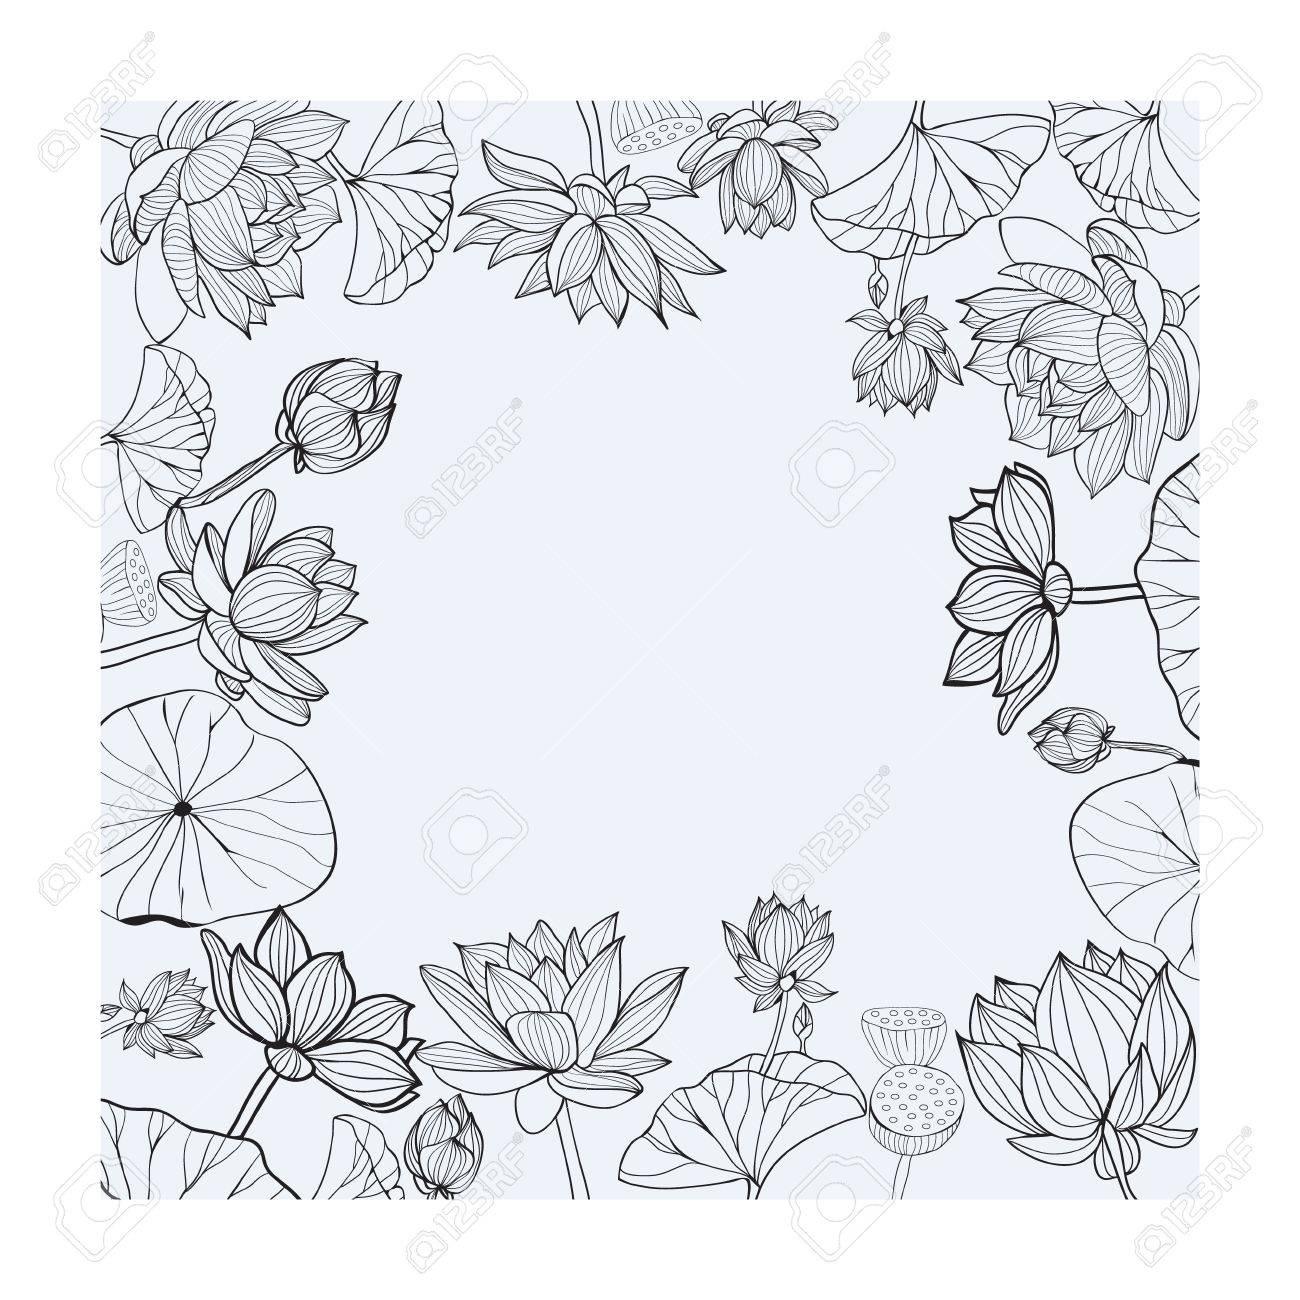 Cadre Floral Dessiné à La Main Lotus De Fleurs Noir Et Blanc Pour Le Style Desquisse De Coloriage Et Lespace Pour Le Texte